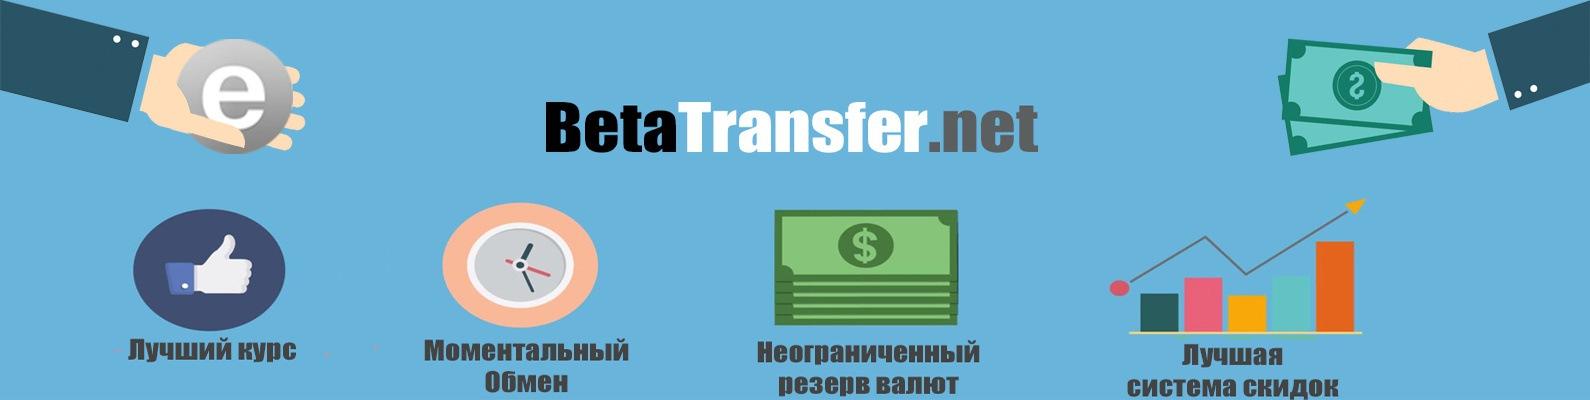 Обмен visa на биткоин калькулятор